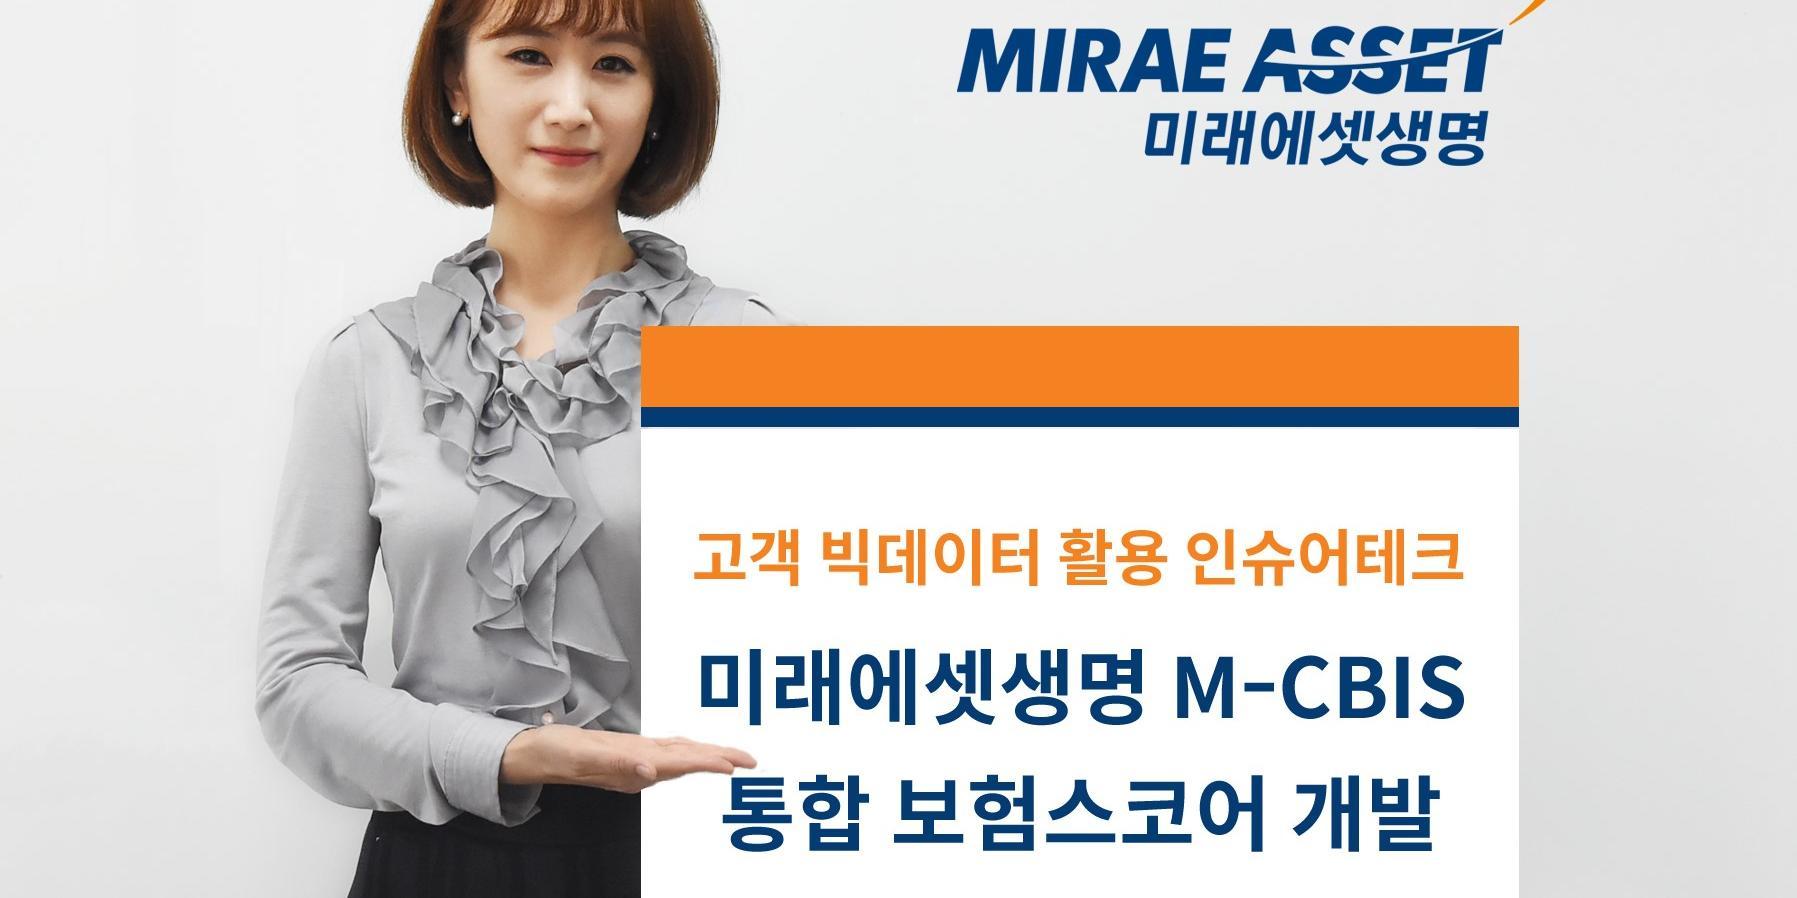 미래에셋생명, 고객 빅데이터 활용한 통합 보험점수 모델 개발